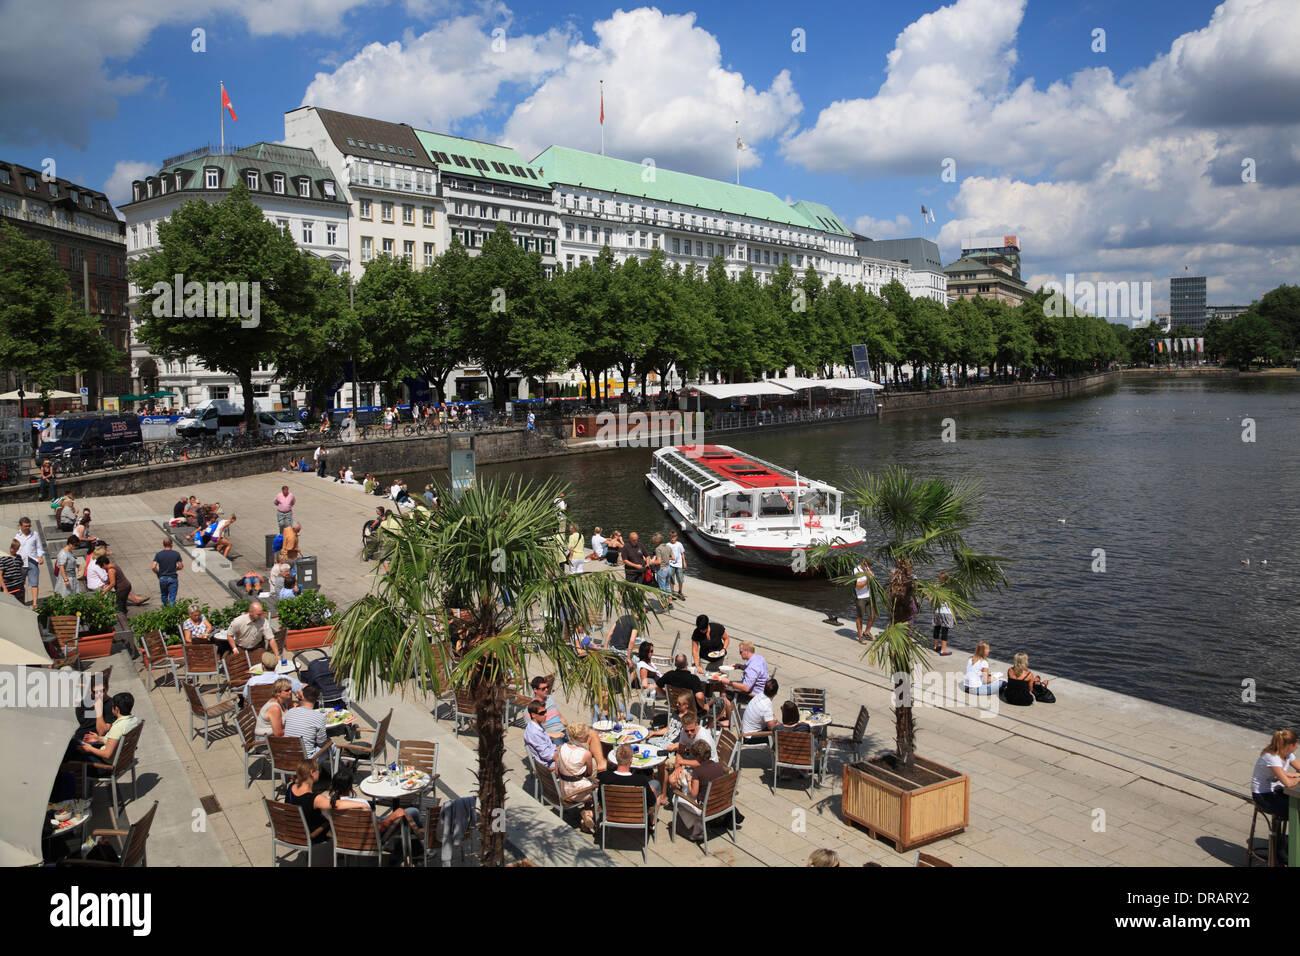 Cafe Alster Pavillion an der Waterfront Promenade und